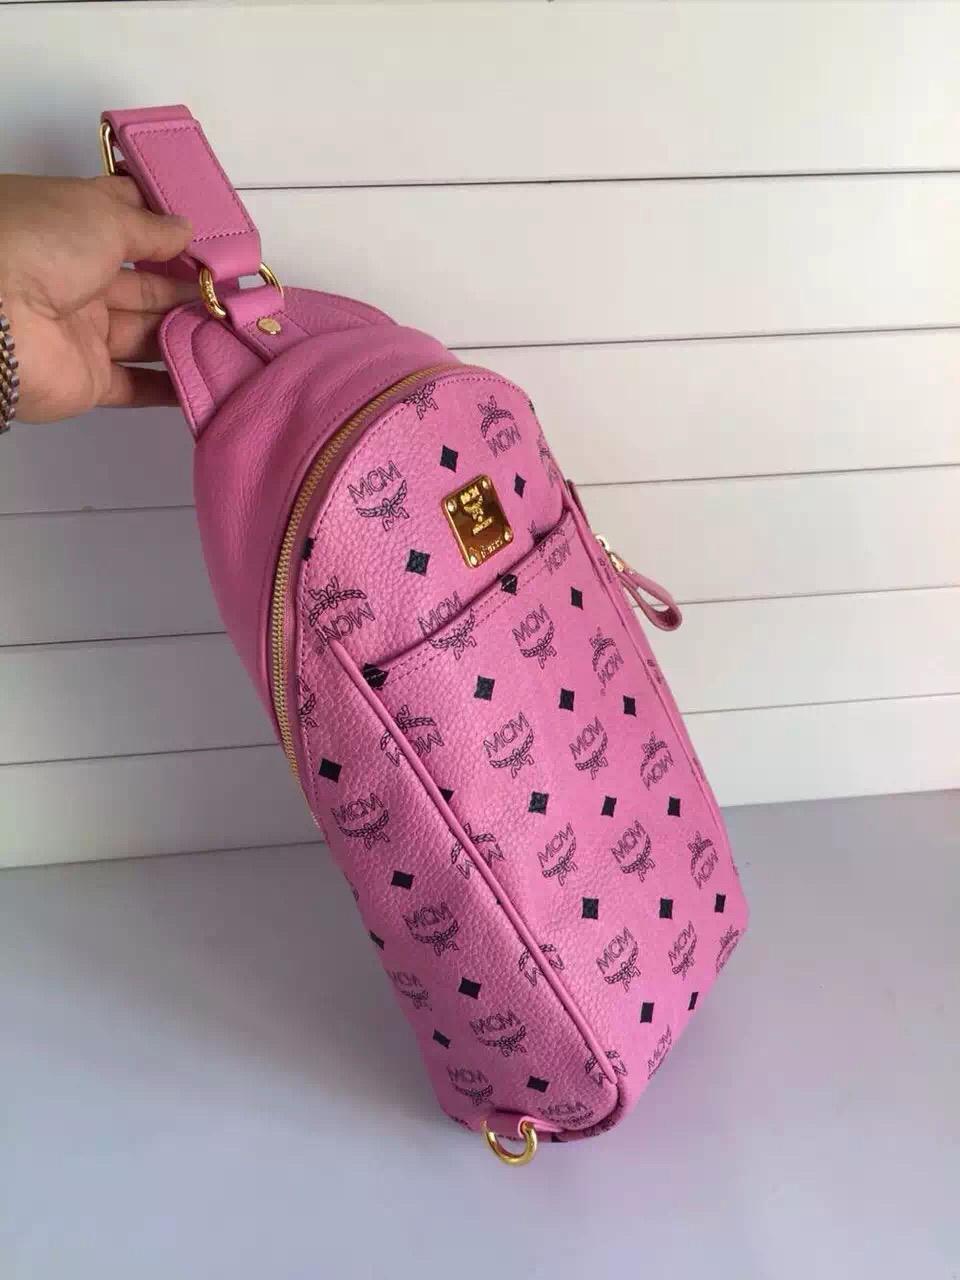 工厂直销 MCM原单 男女通用斜挎背包 女士粉色胸包批发